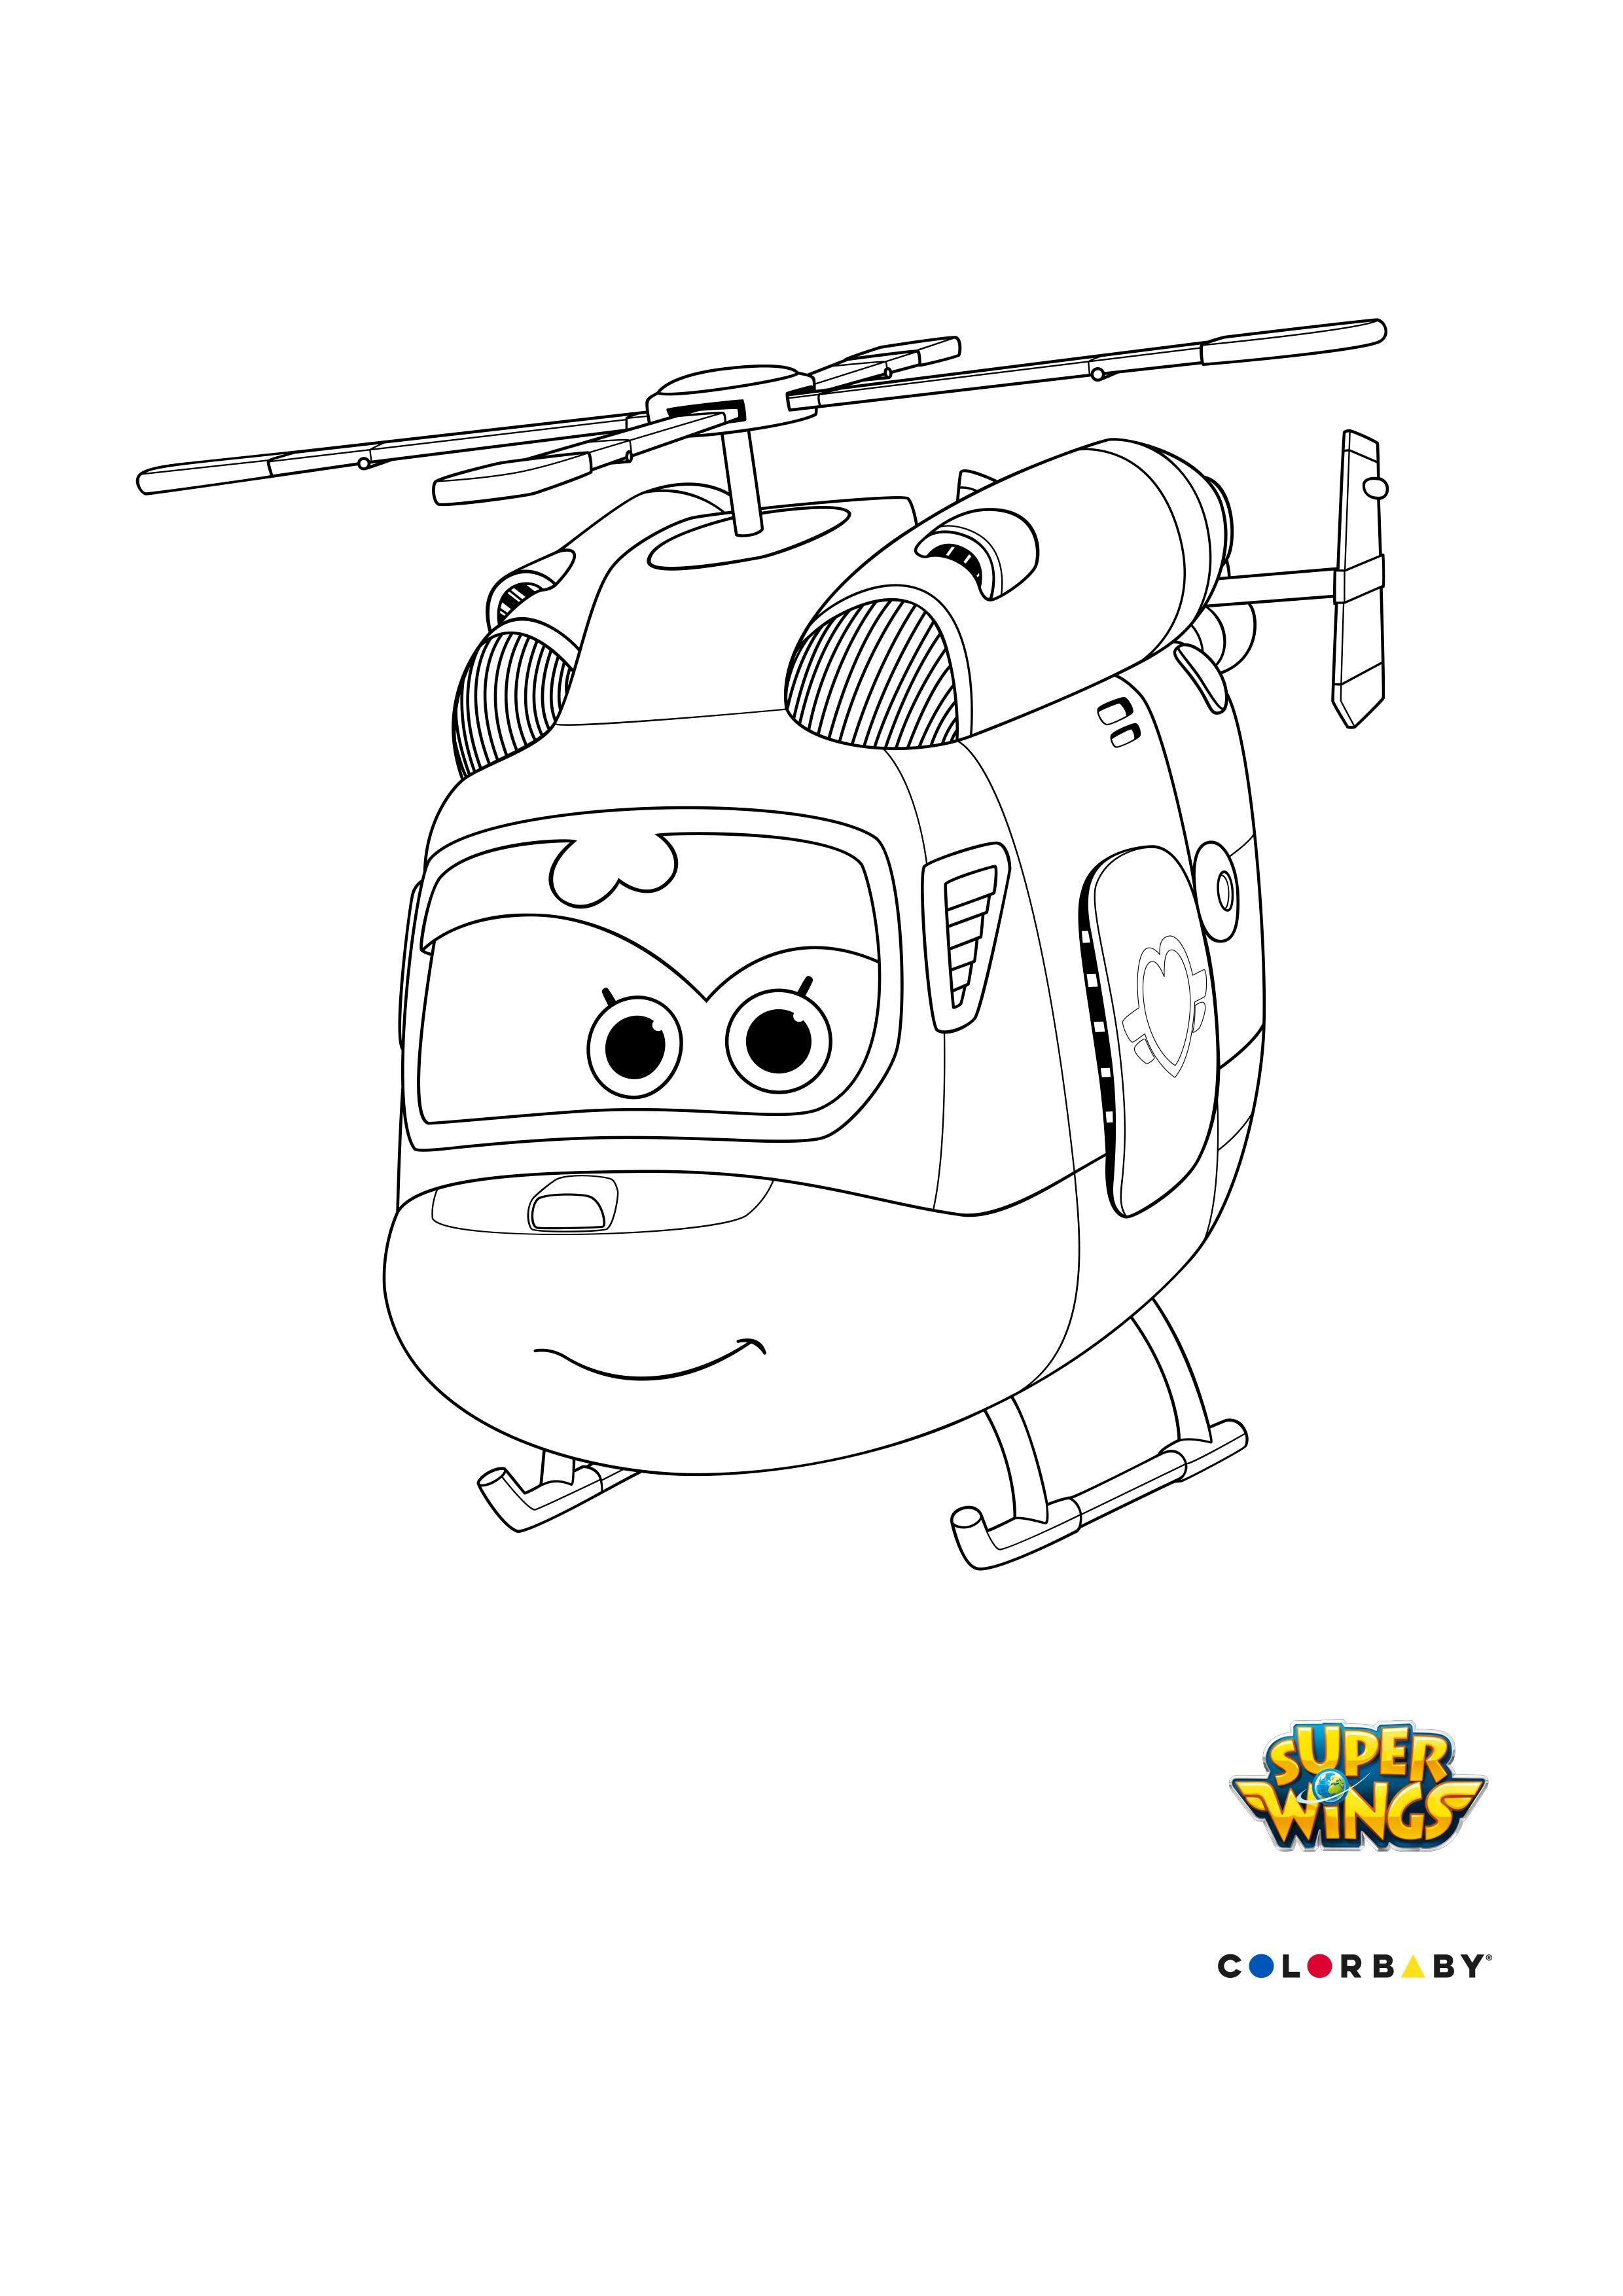 dibujos-colorear-super-wings-dizzy | Dibujos Colorear Niños ...